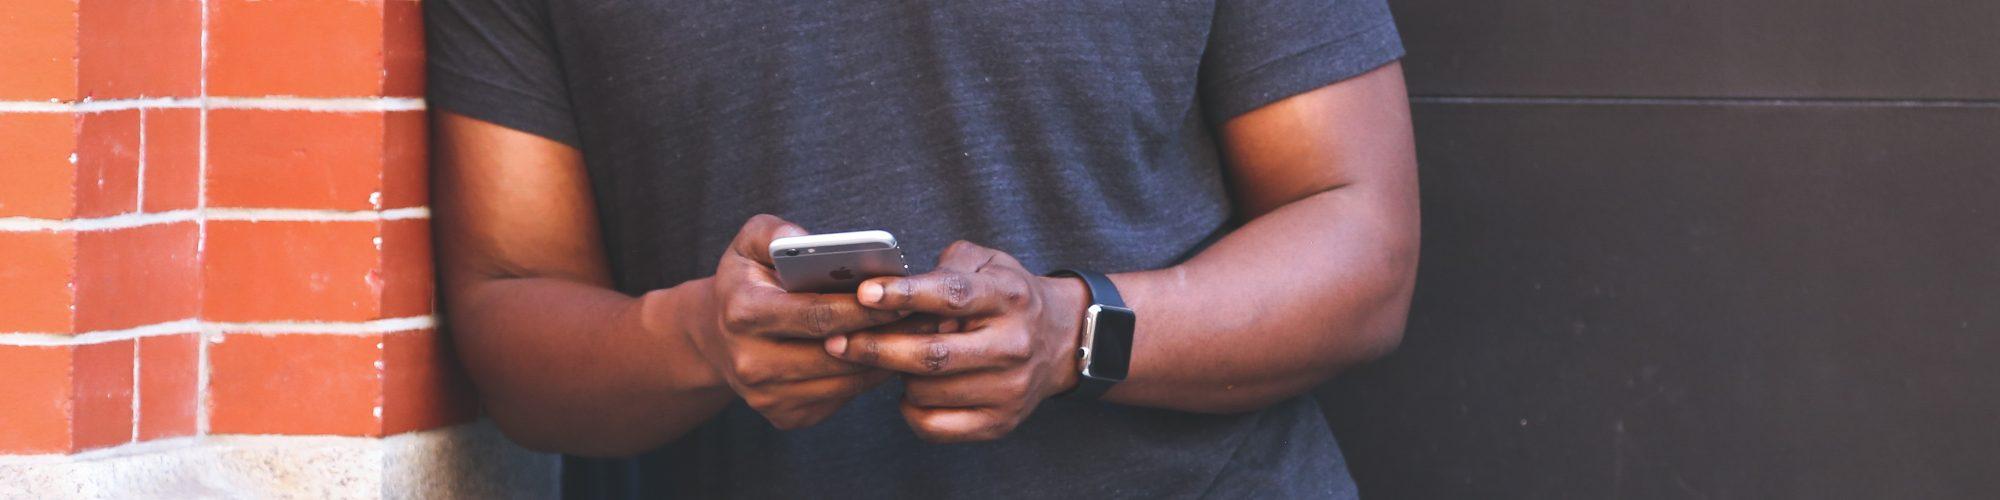 Smartphone_gebruik_web_apps